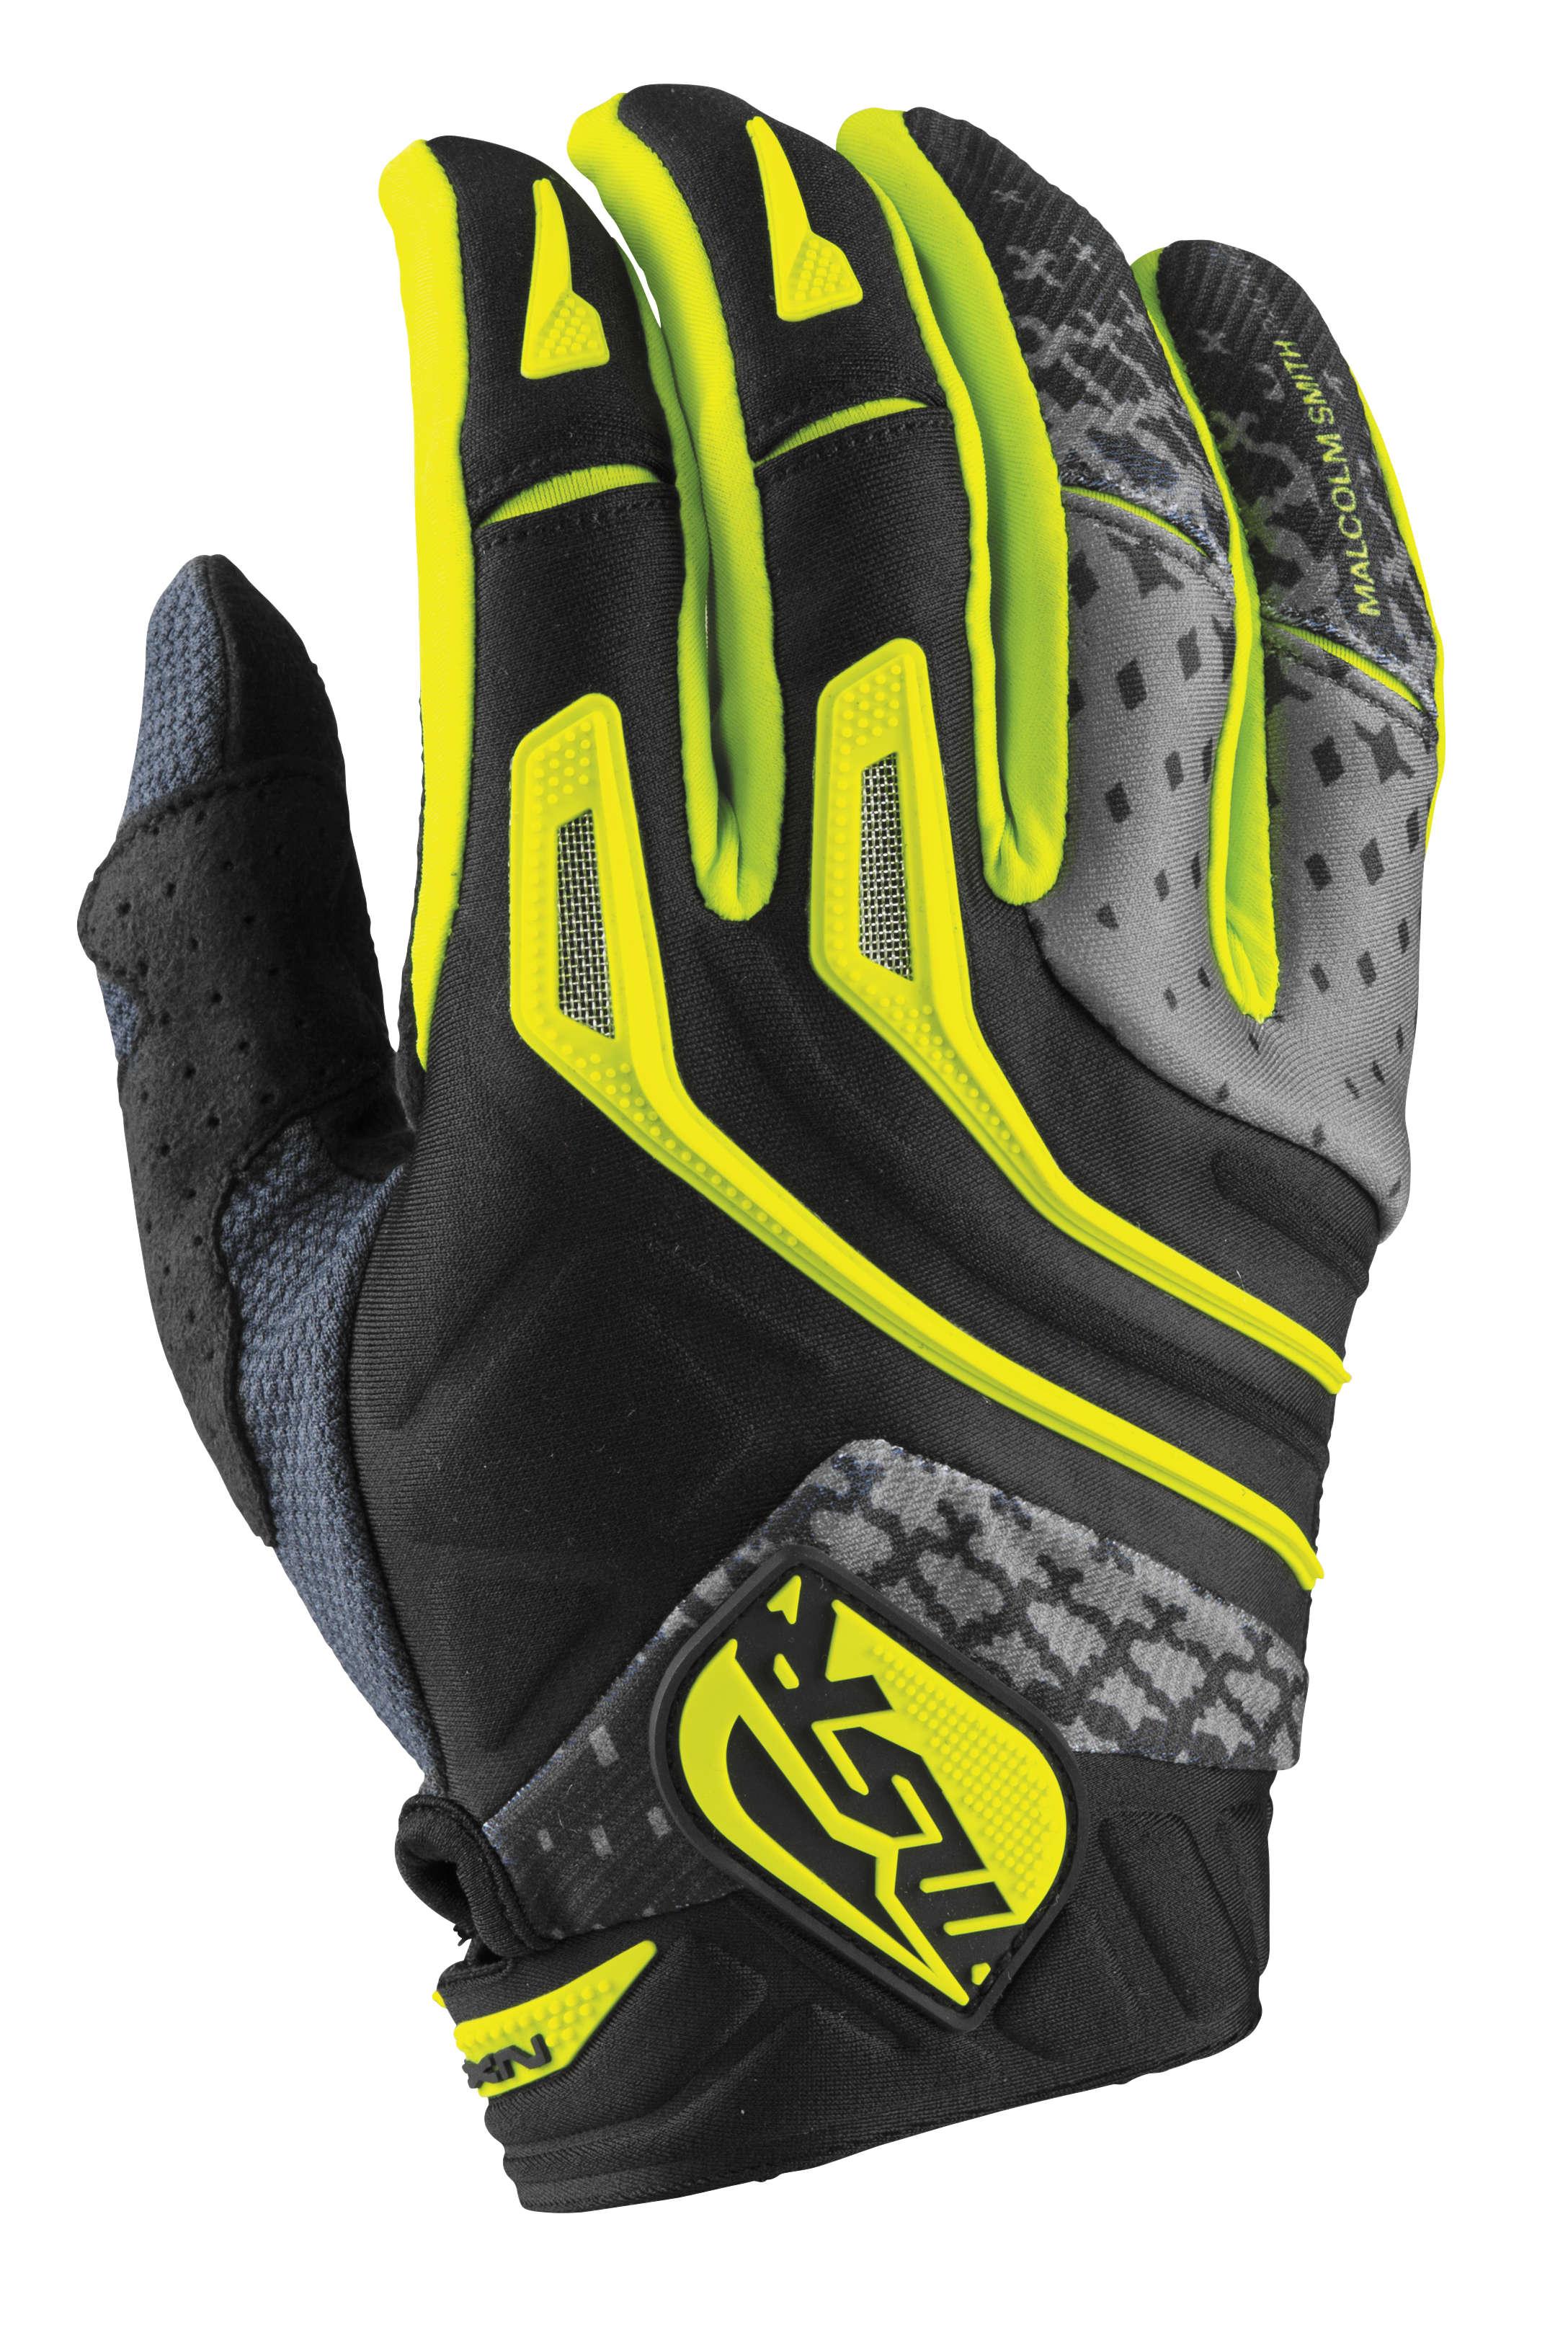 MSR M17 NXT Gloves